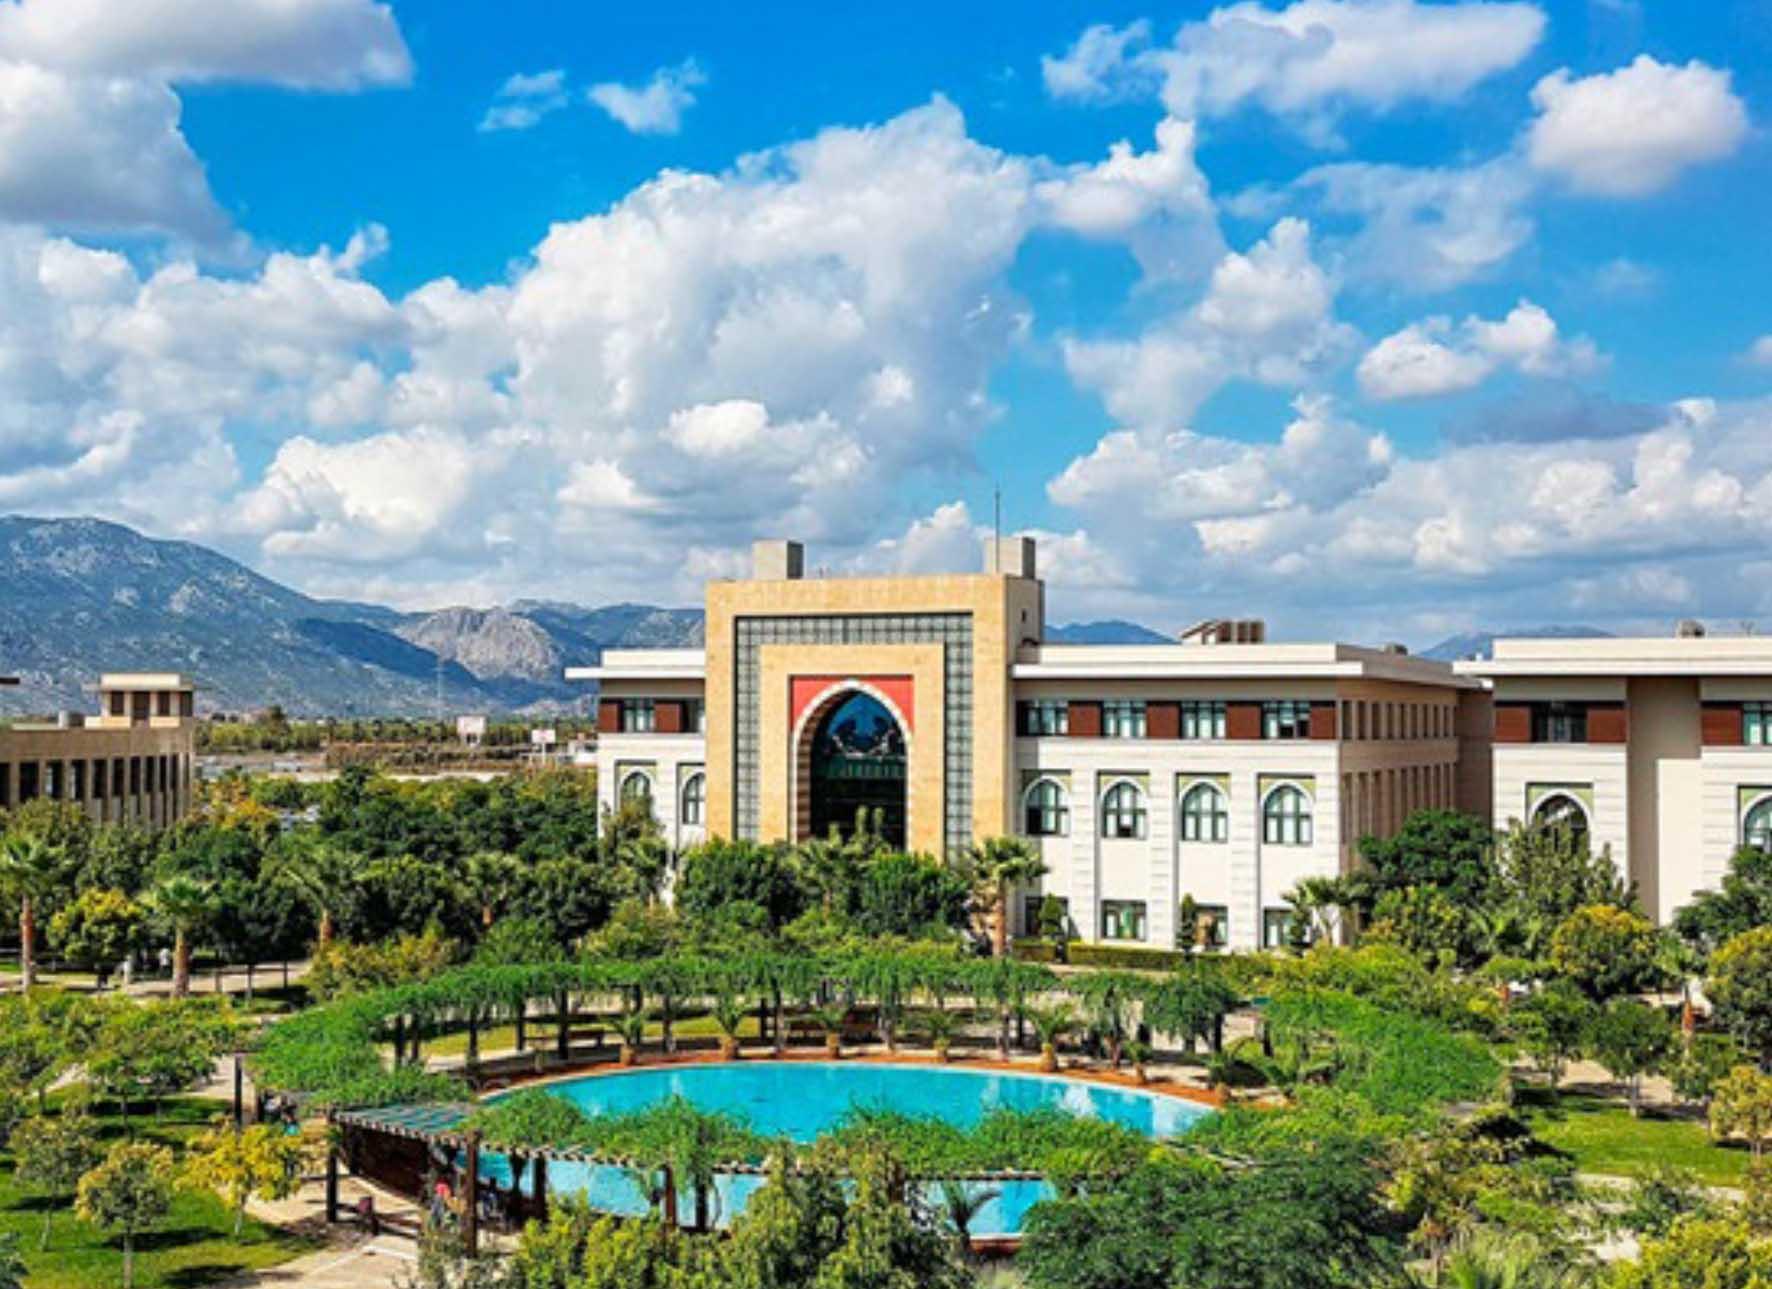 Stipendiranje razmjene studenata, nastavnog i nenastavnog osoblja na Univerzitetu Antalya Bilim u Turskoj